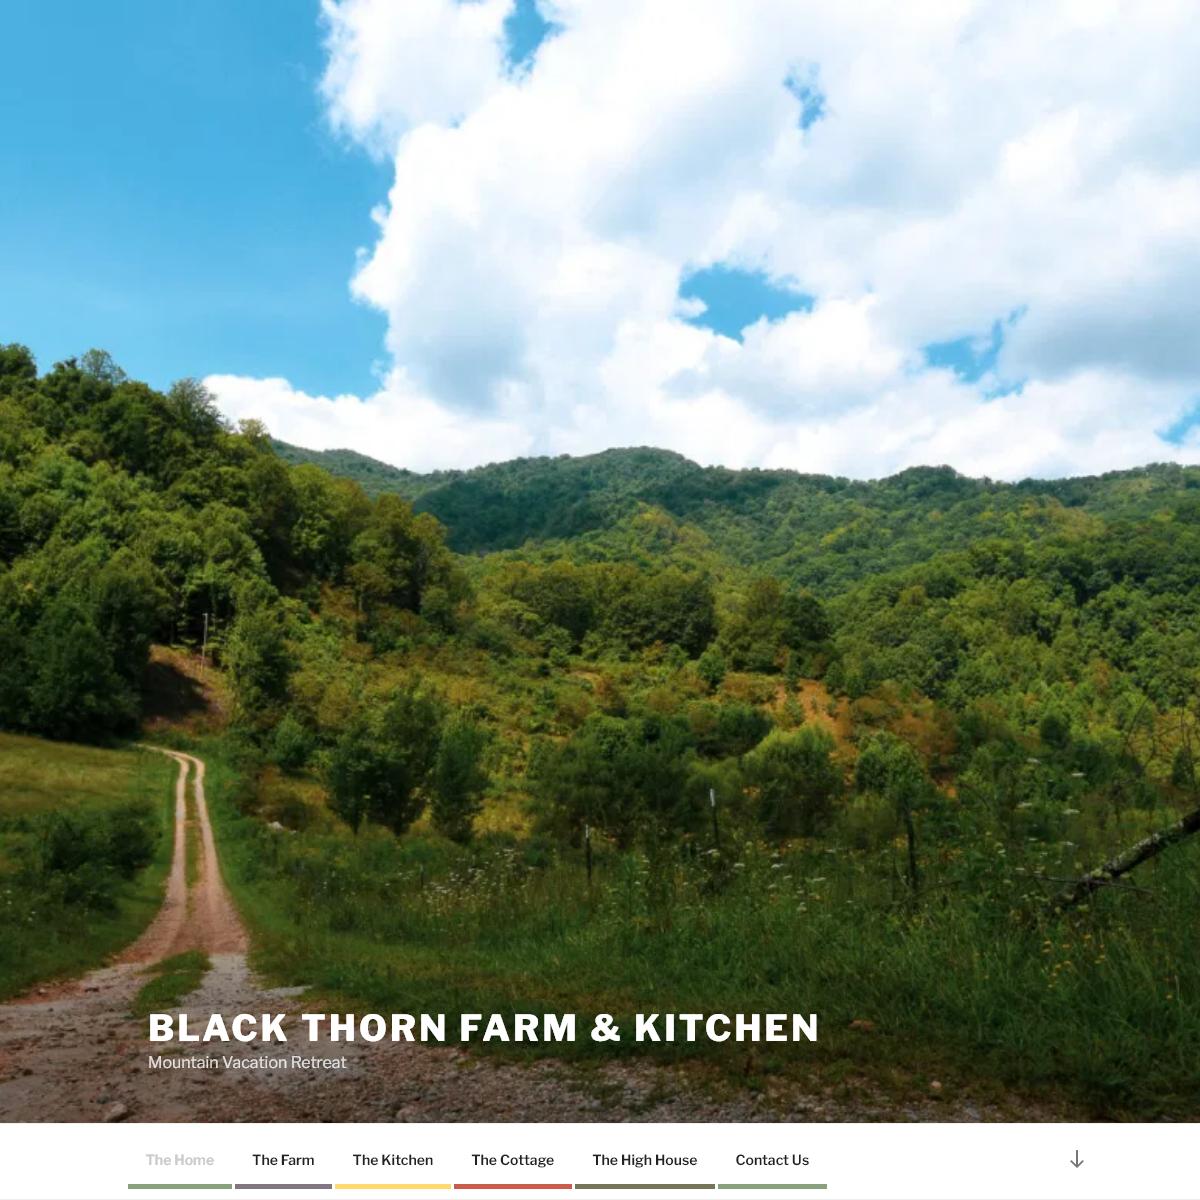 Black Thorn Farm & Kitchen – Mountain Vacation Retreat